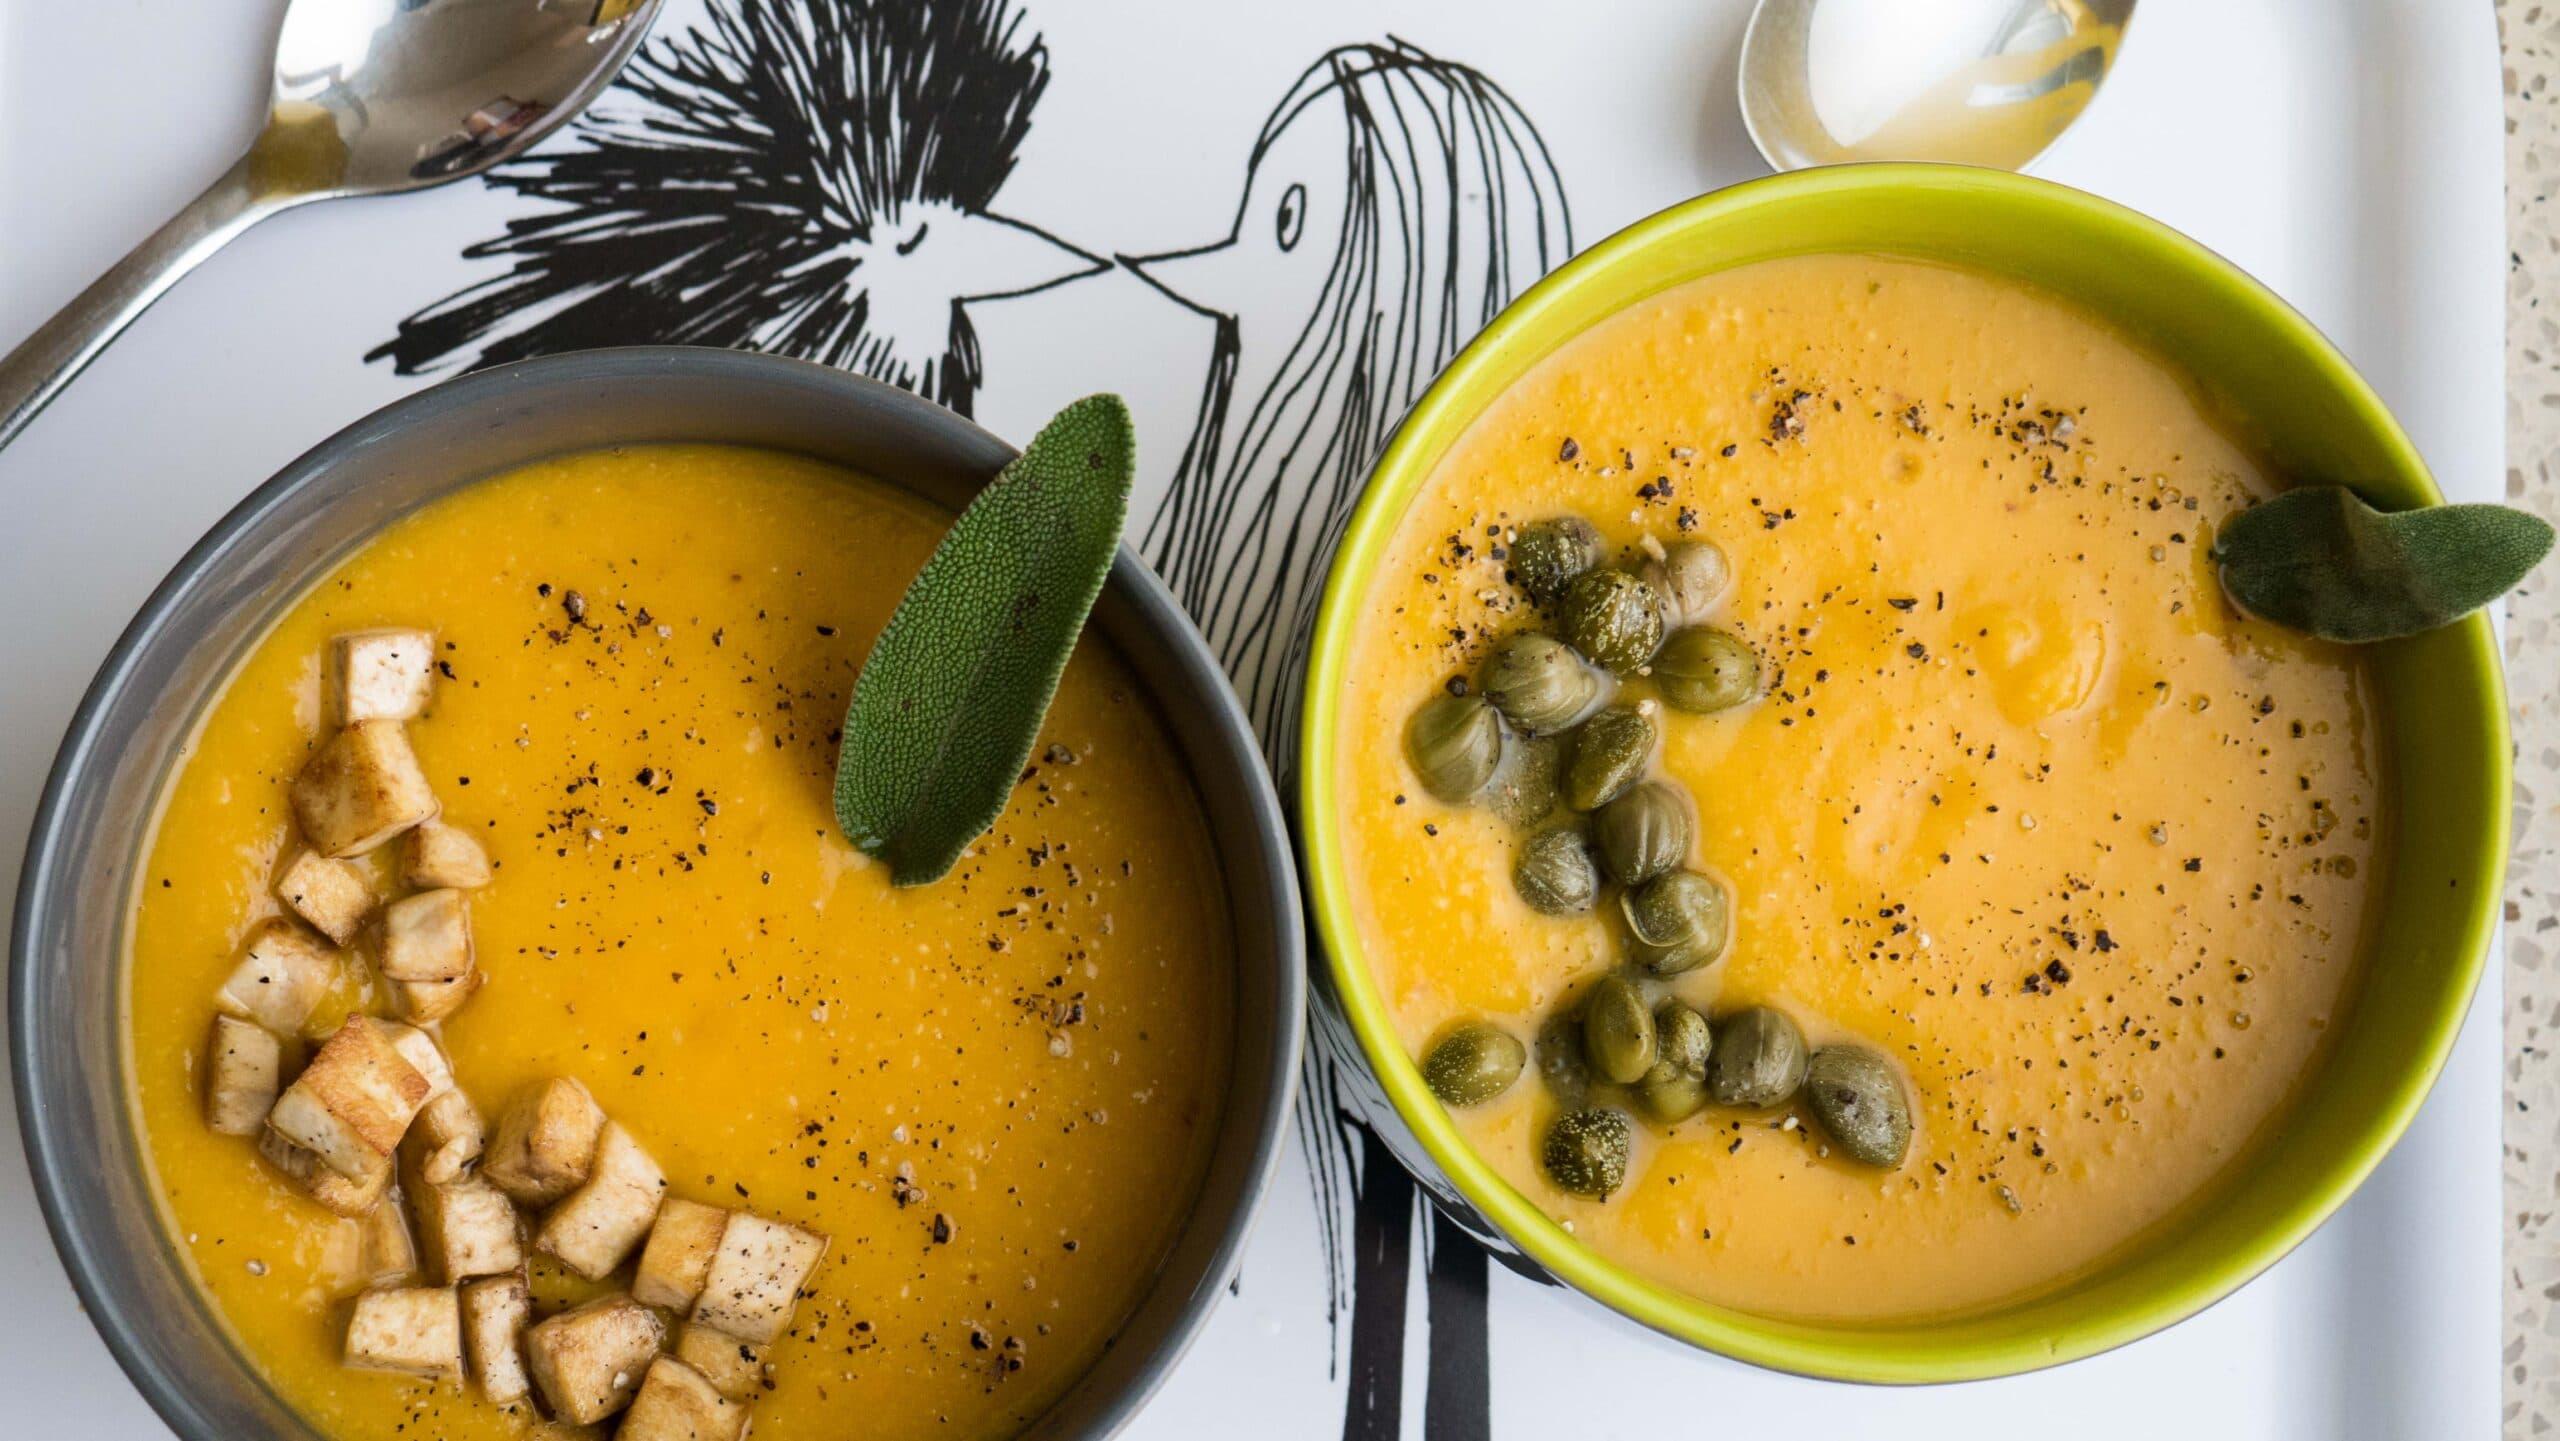 מרק טבעוני עם אפונה צהובה